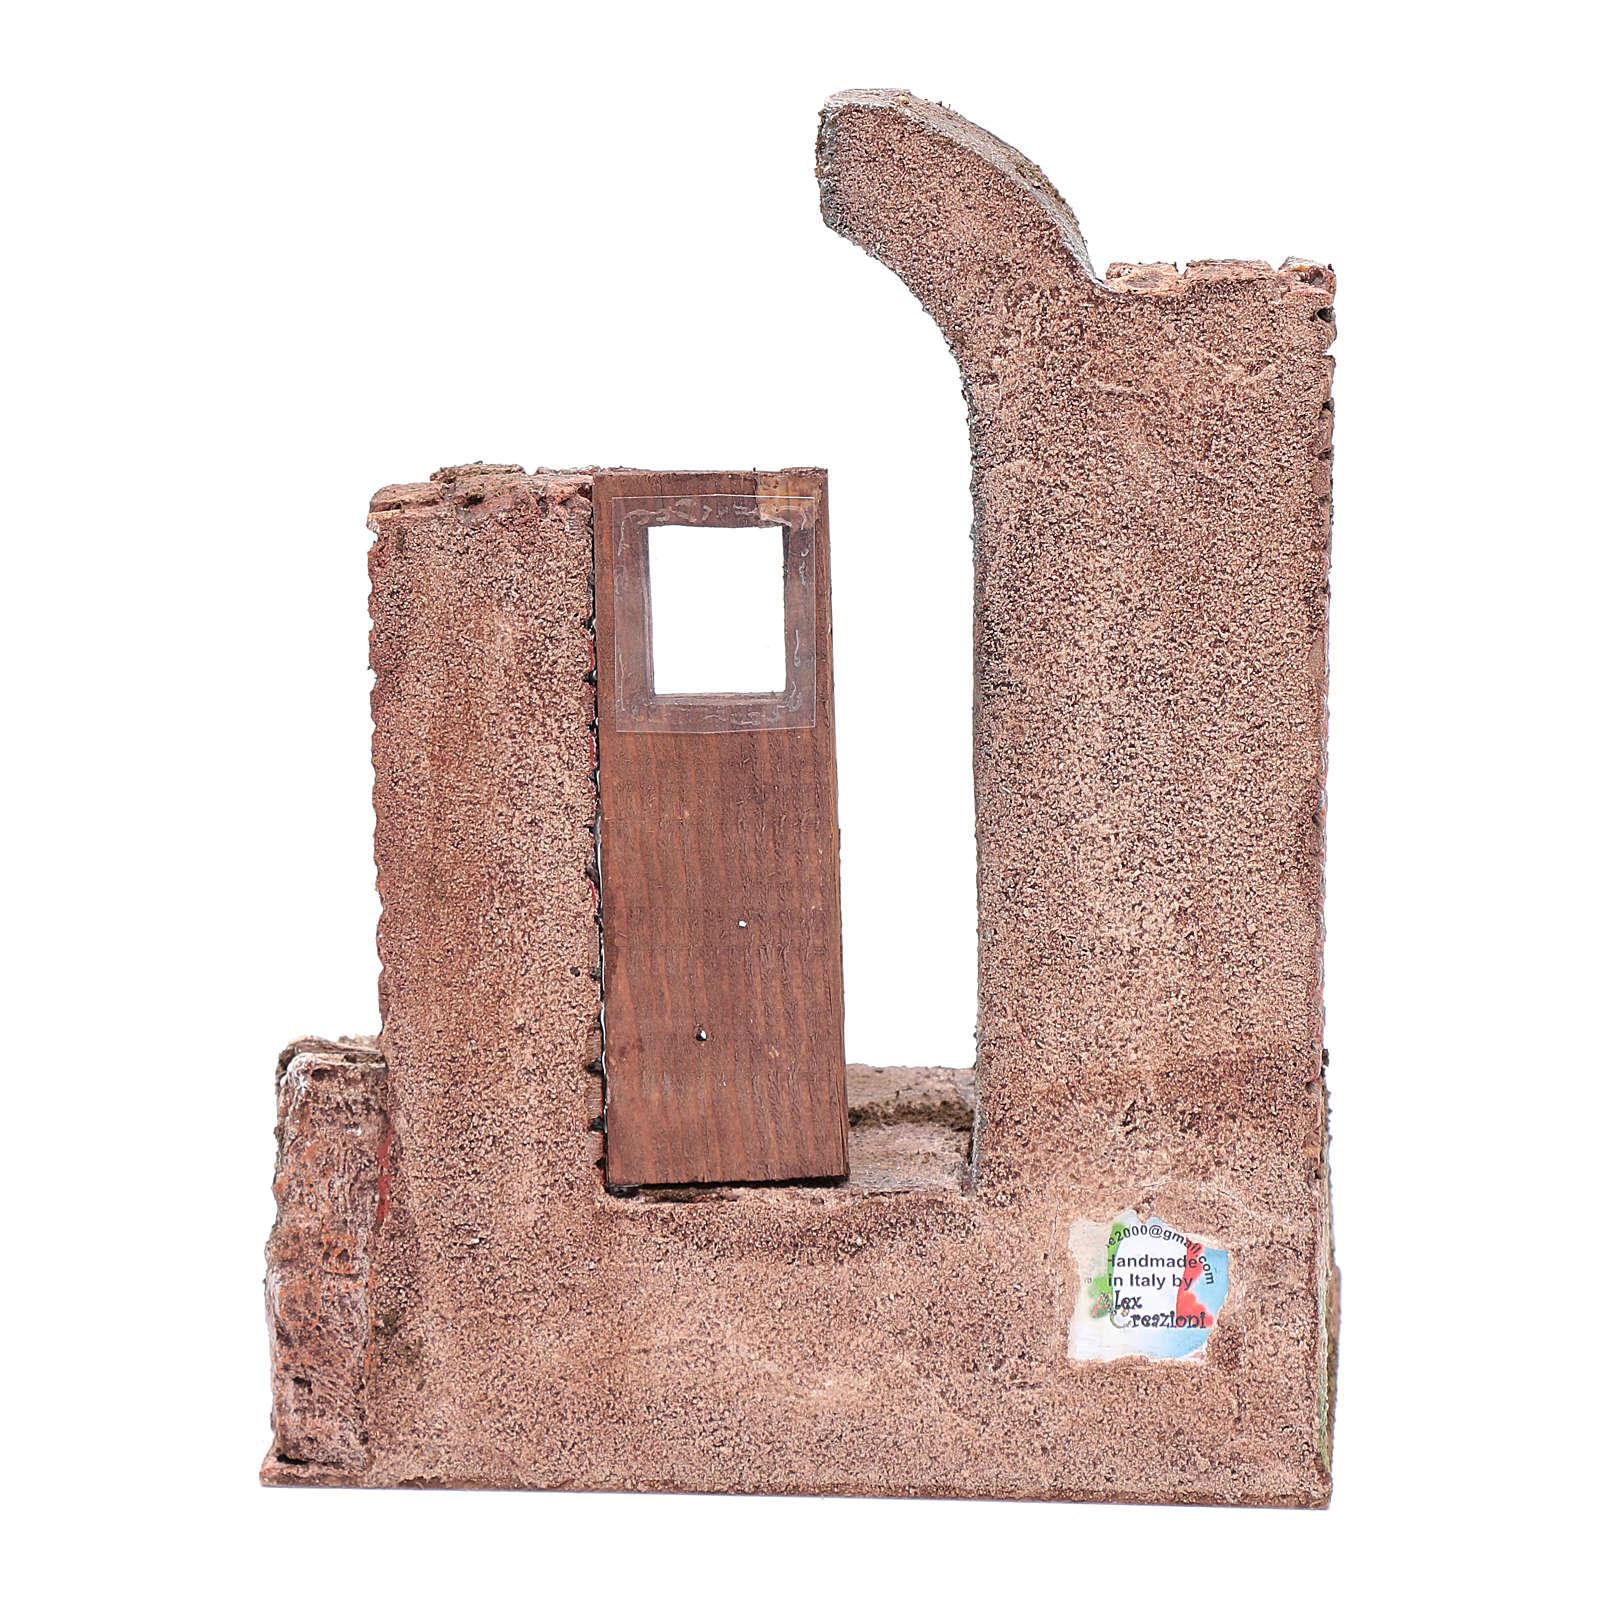 Temple porte et demi-arc 25,5x19,5x14,5 cm 4